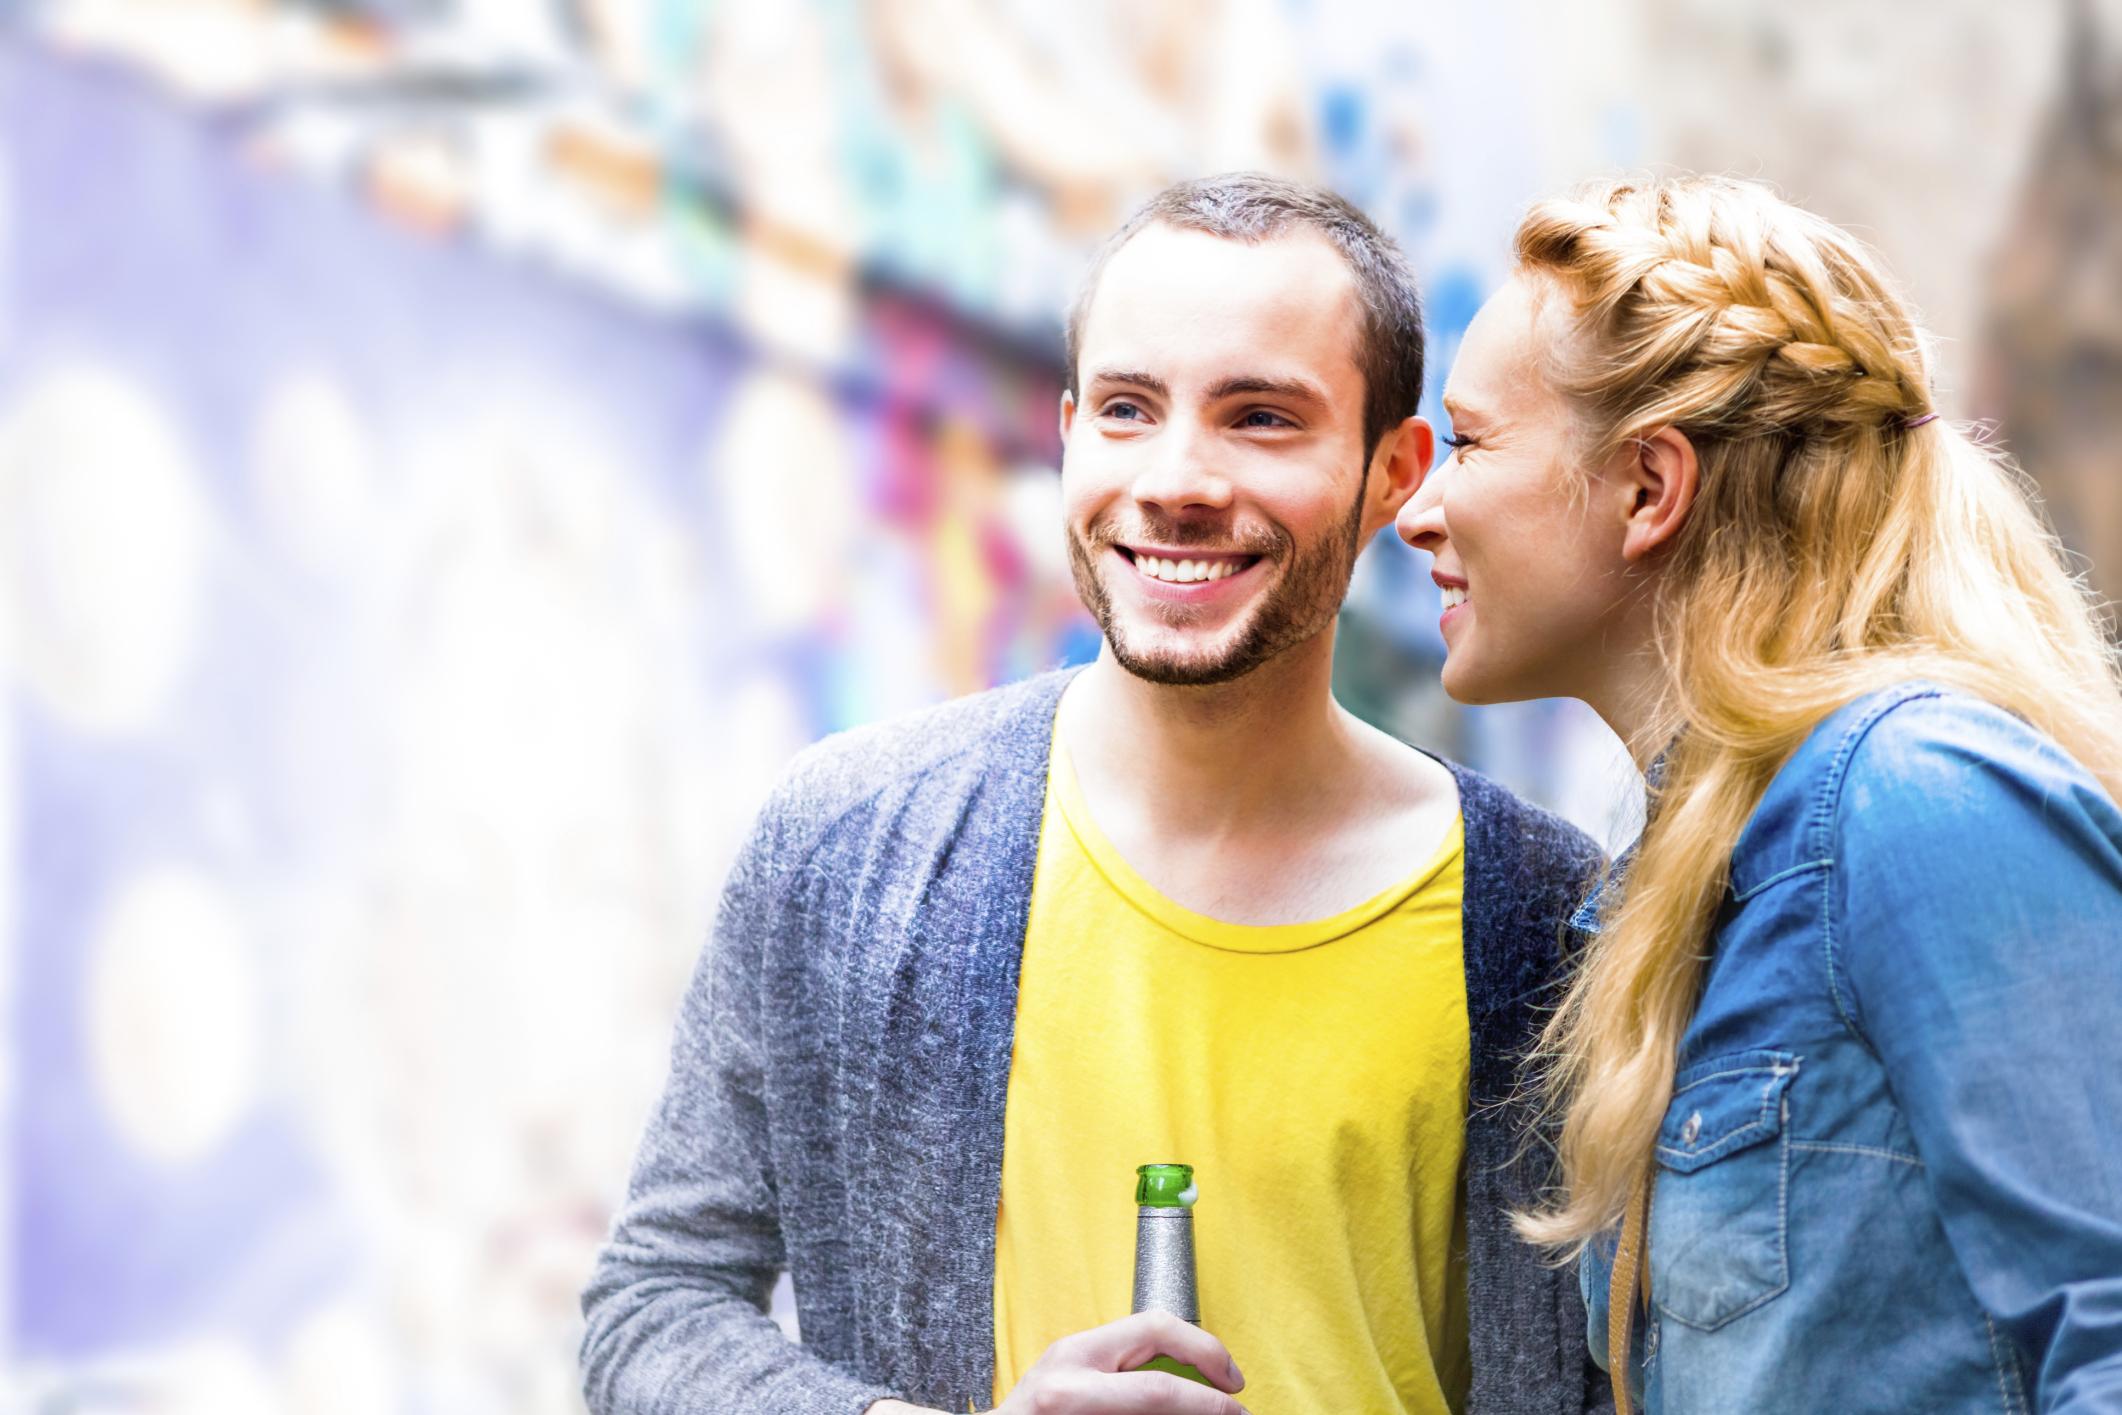 Comment Rencontrer Ses Voisins 9 conseils pour séduire son voisin